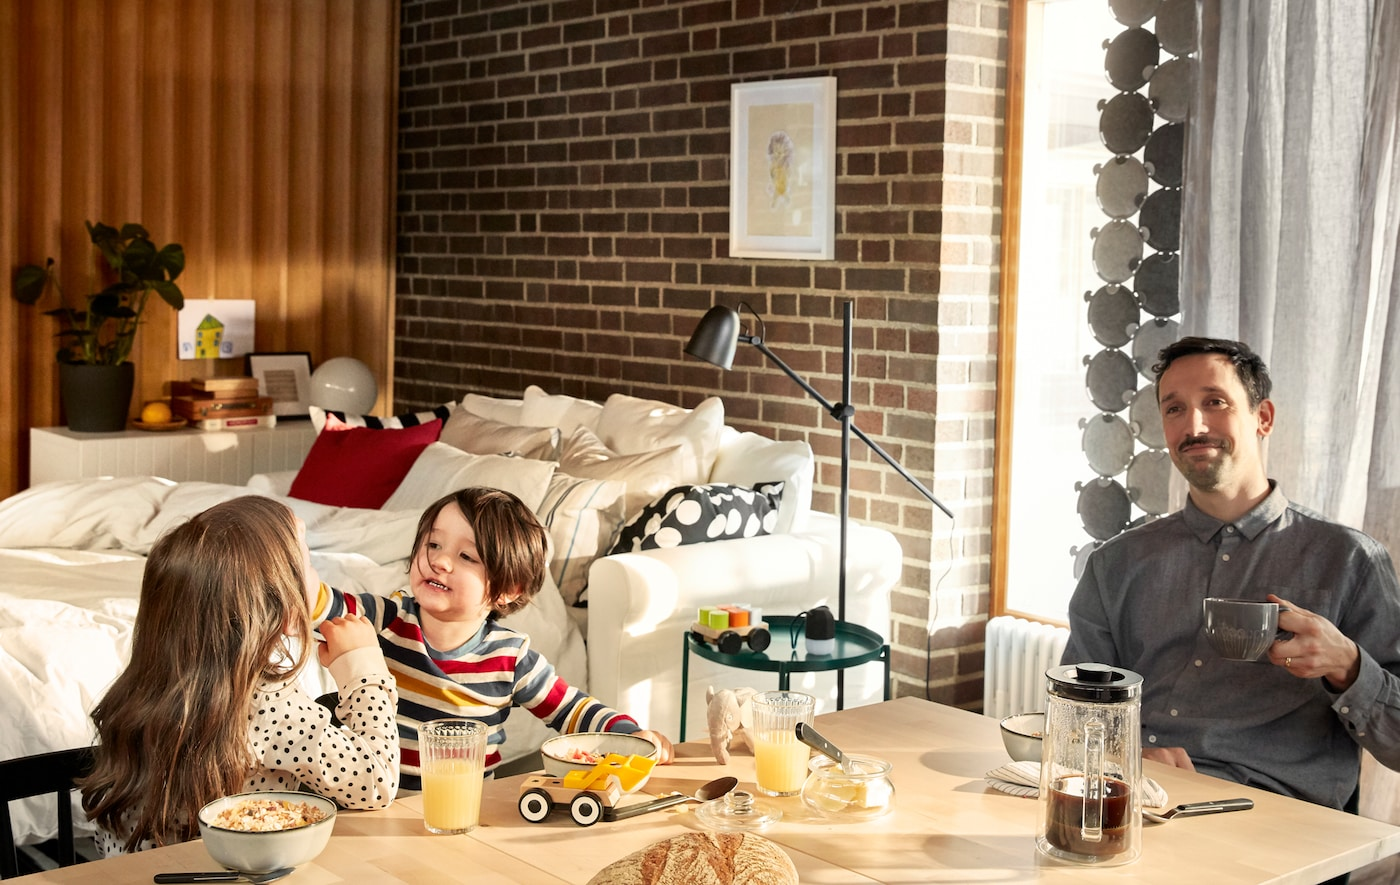 Un tată relaxat la masa unde se servește micul dejun își savurează cafeaua în timp ce cei doi copii ai săi se joacă cu mâncarea lângă el.